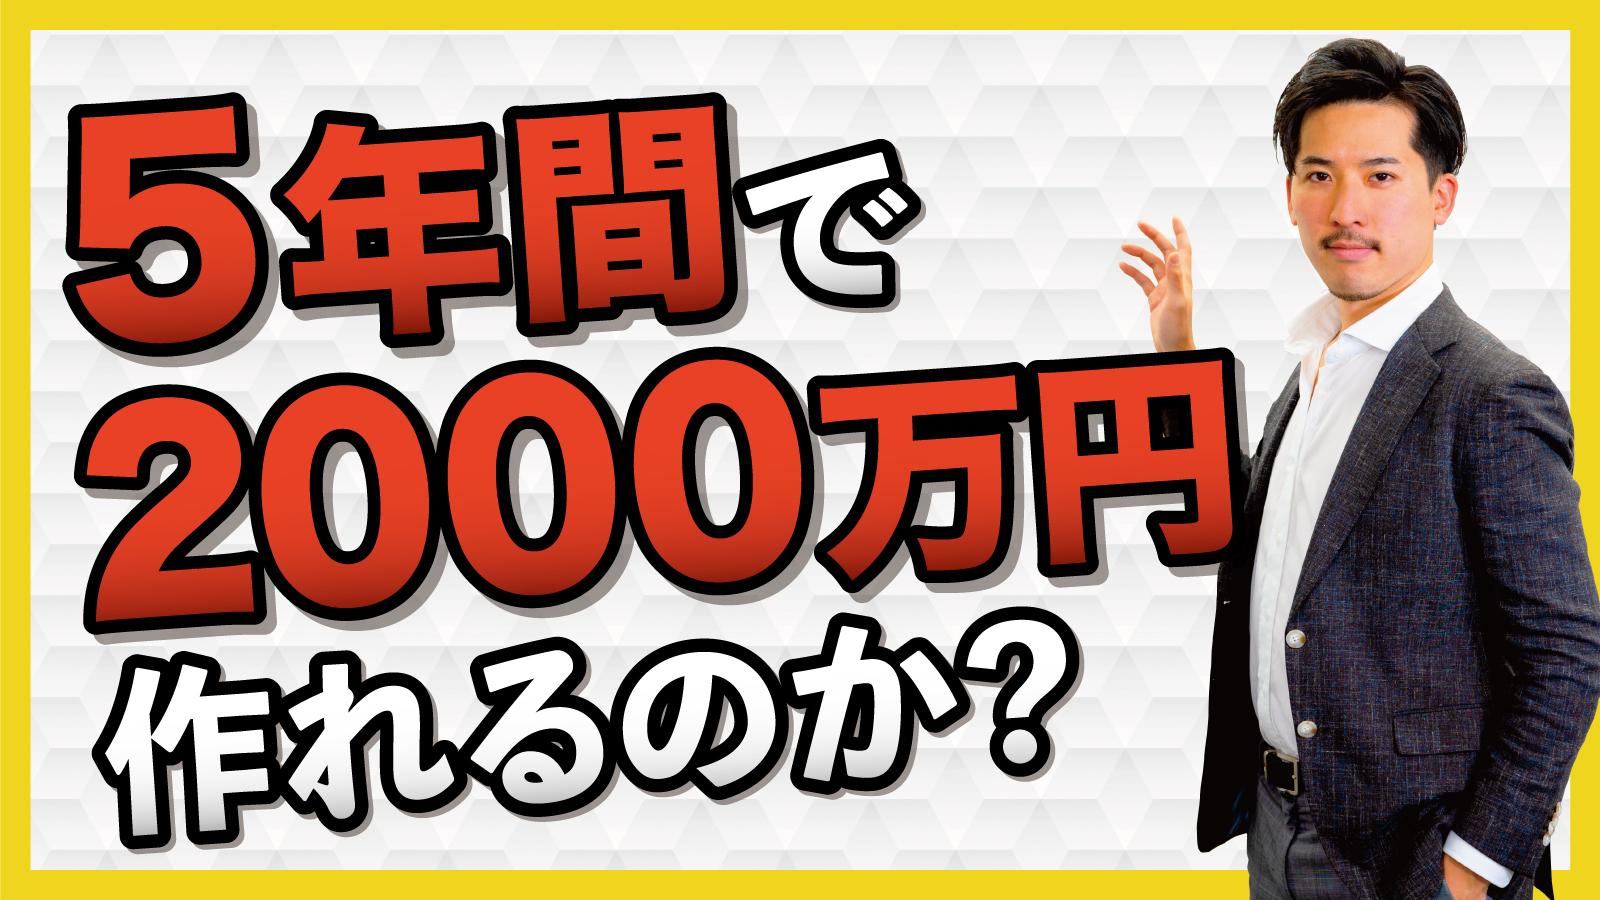 【検証】貯金ゼロから資産2000万円をつくる方法